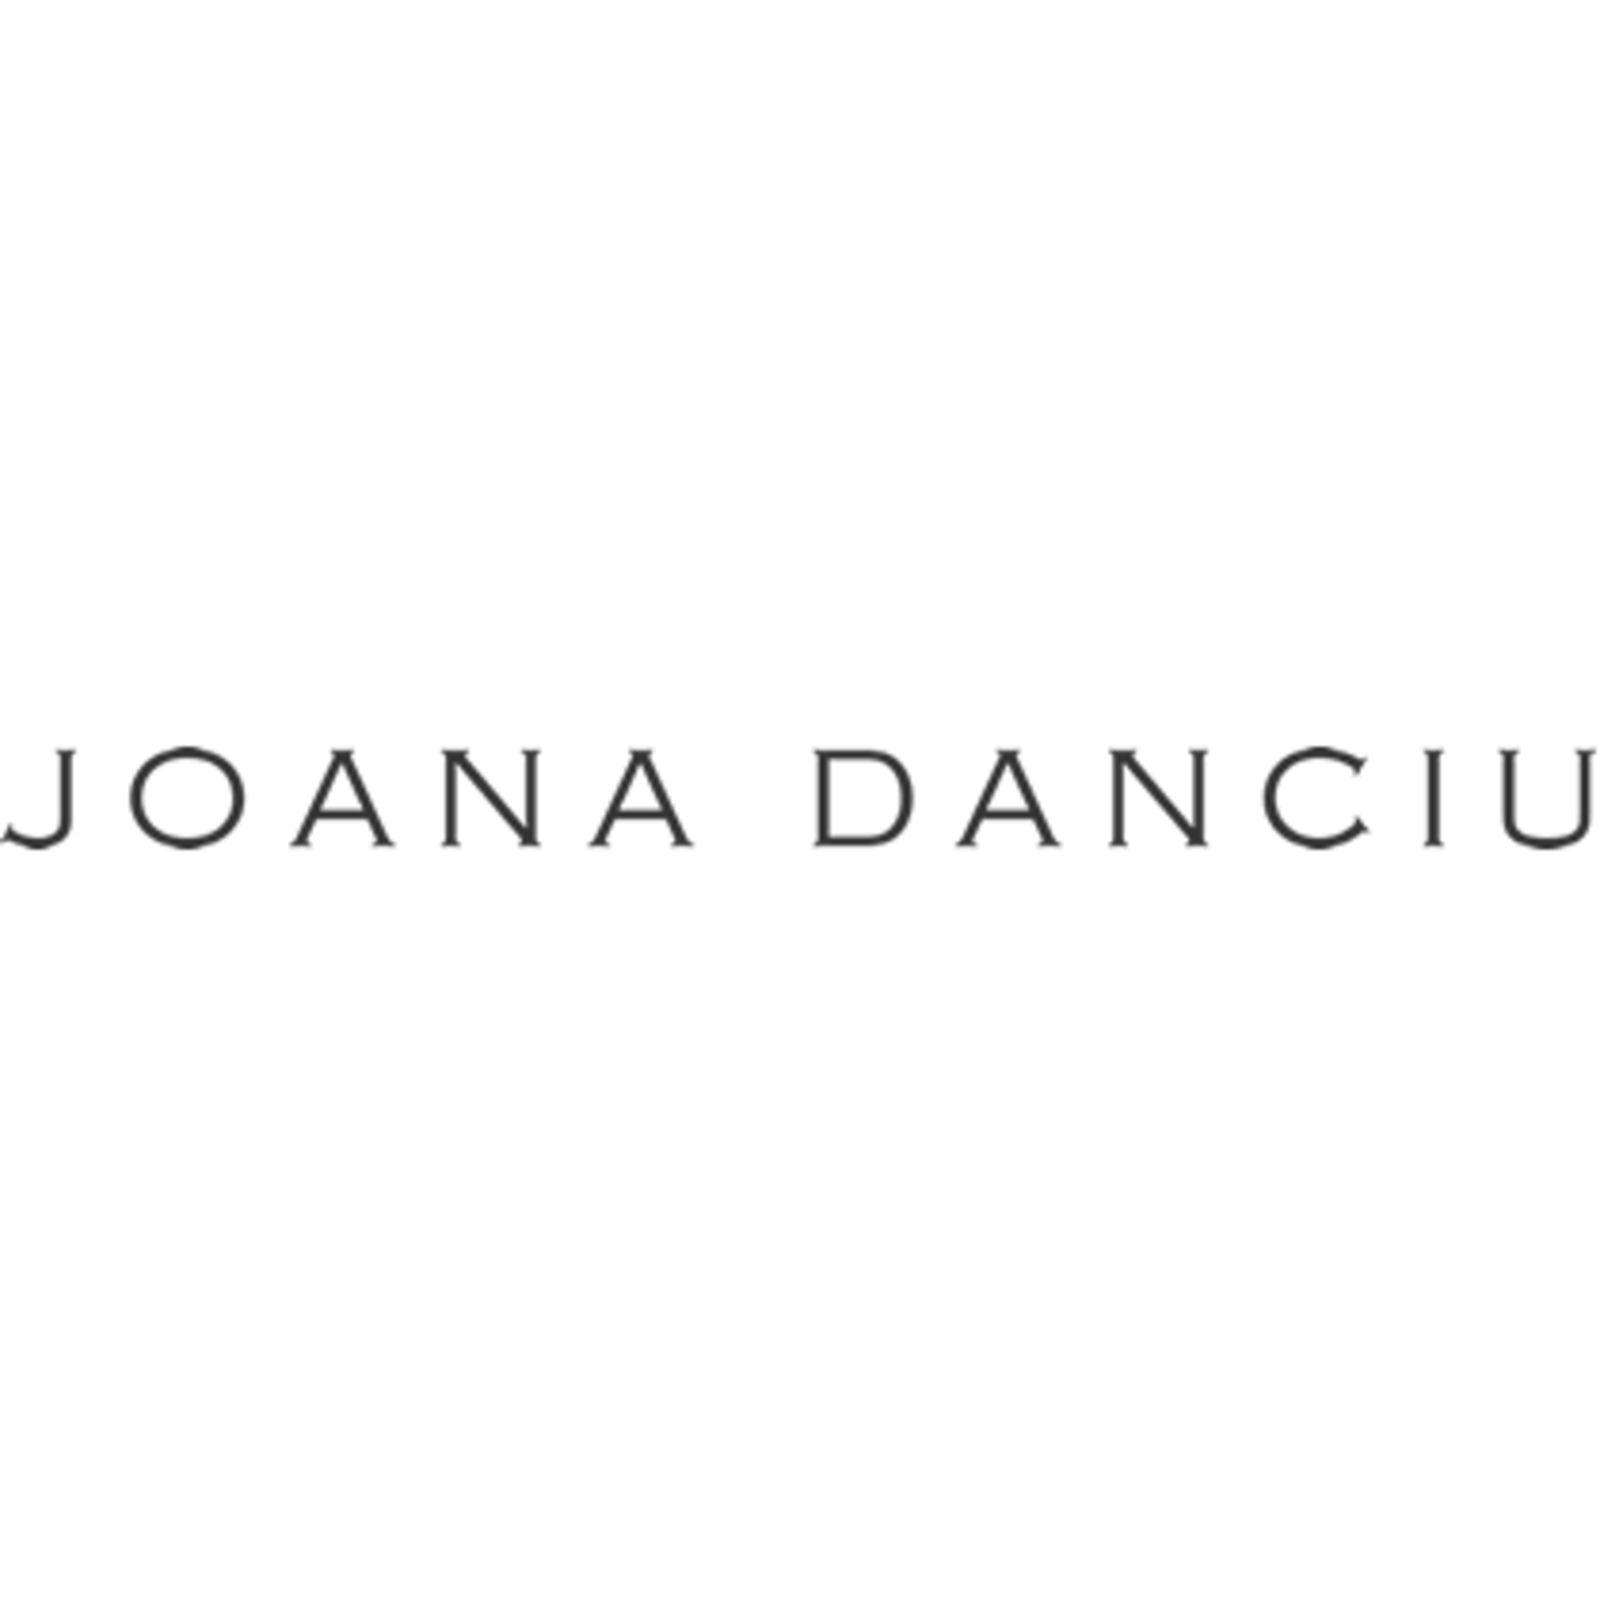 Joana Danciu